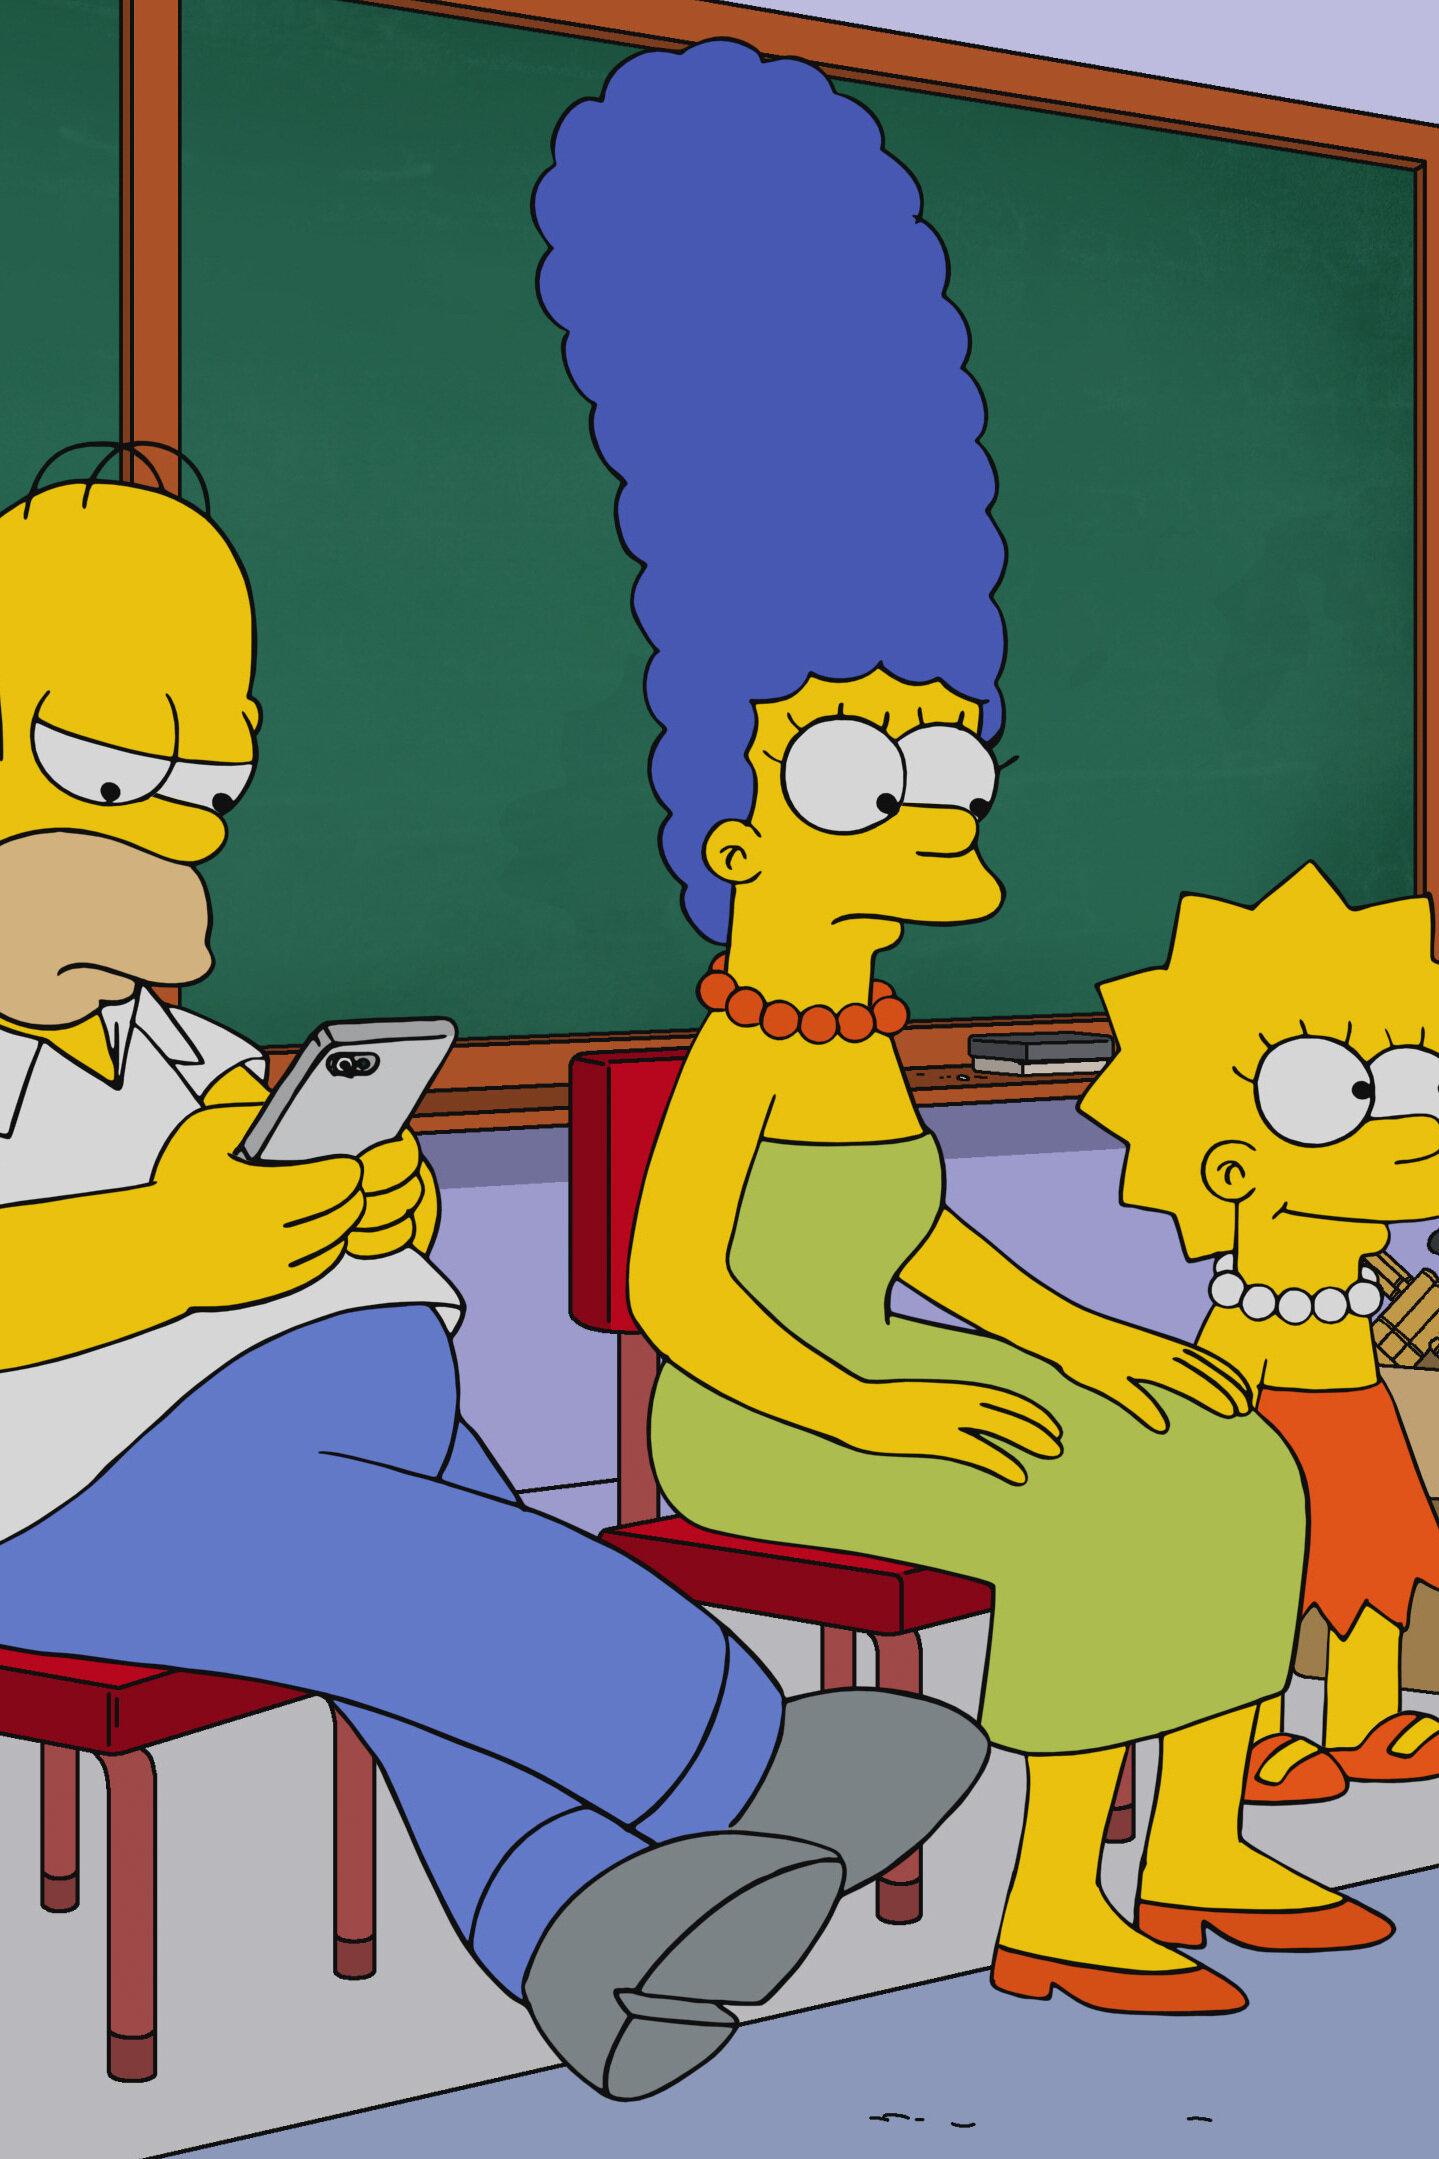 Les Simpson - Pardon et regret